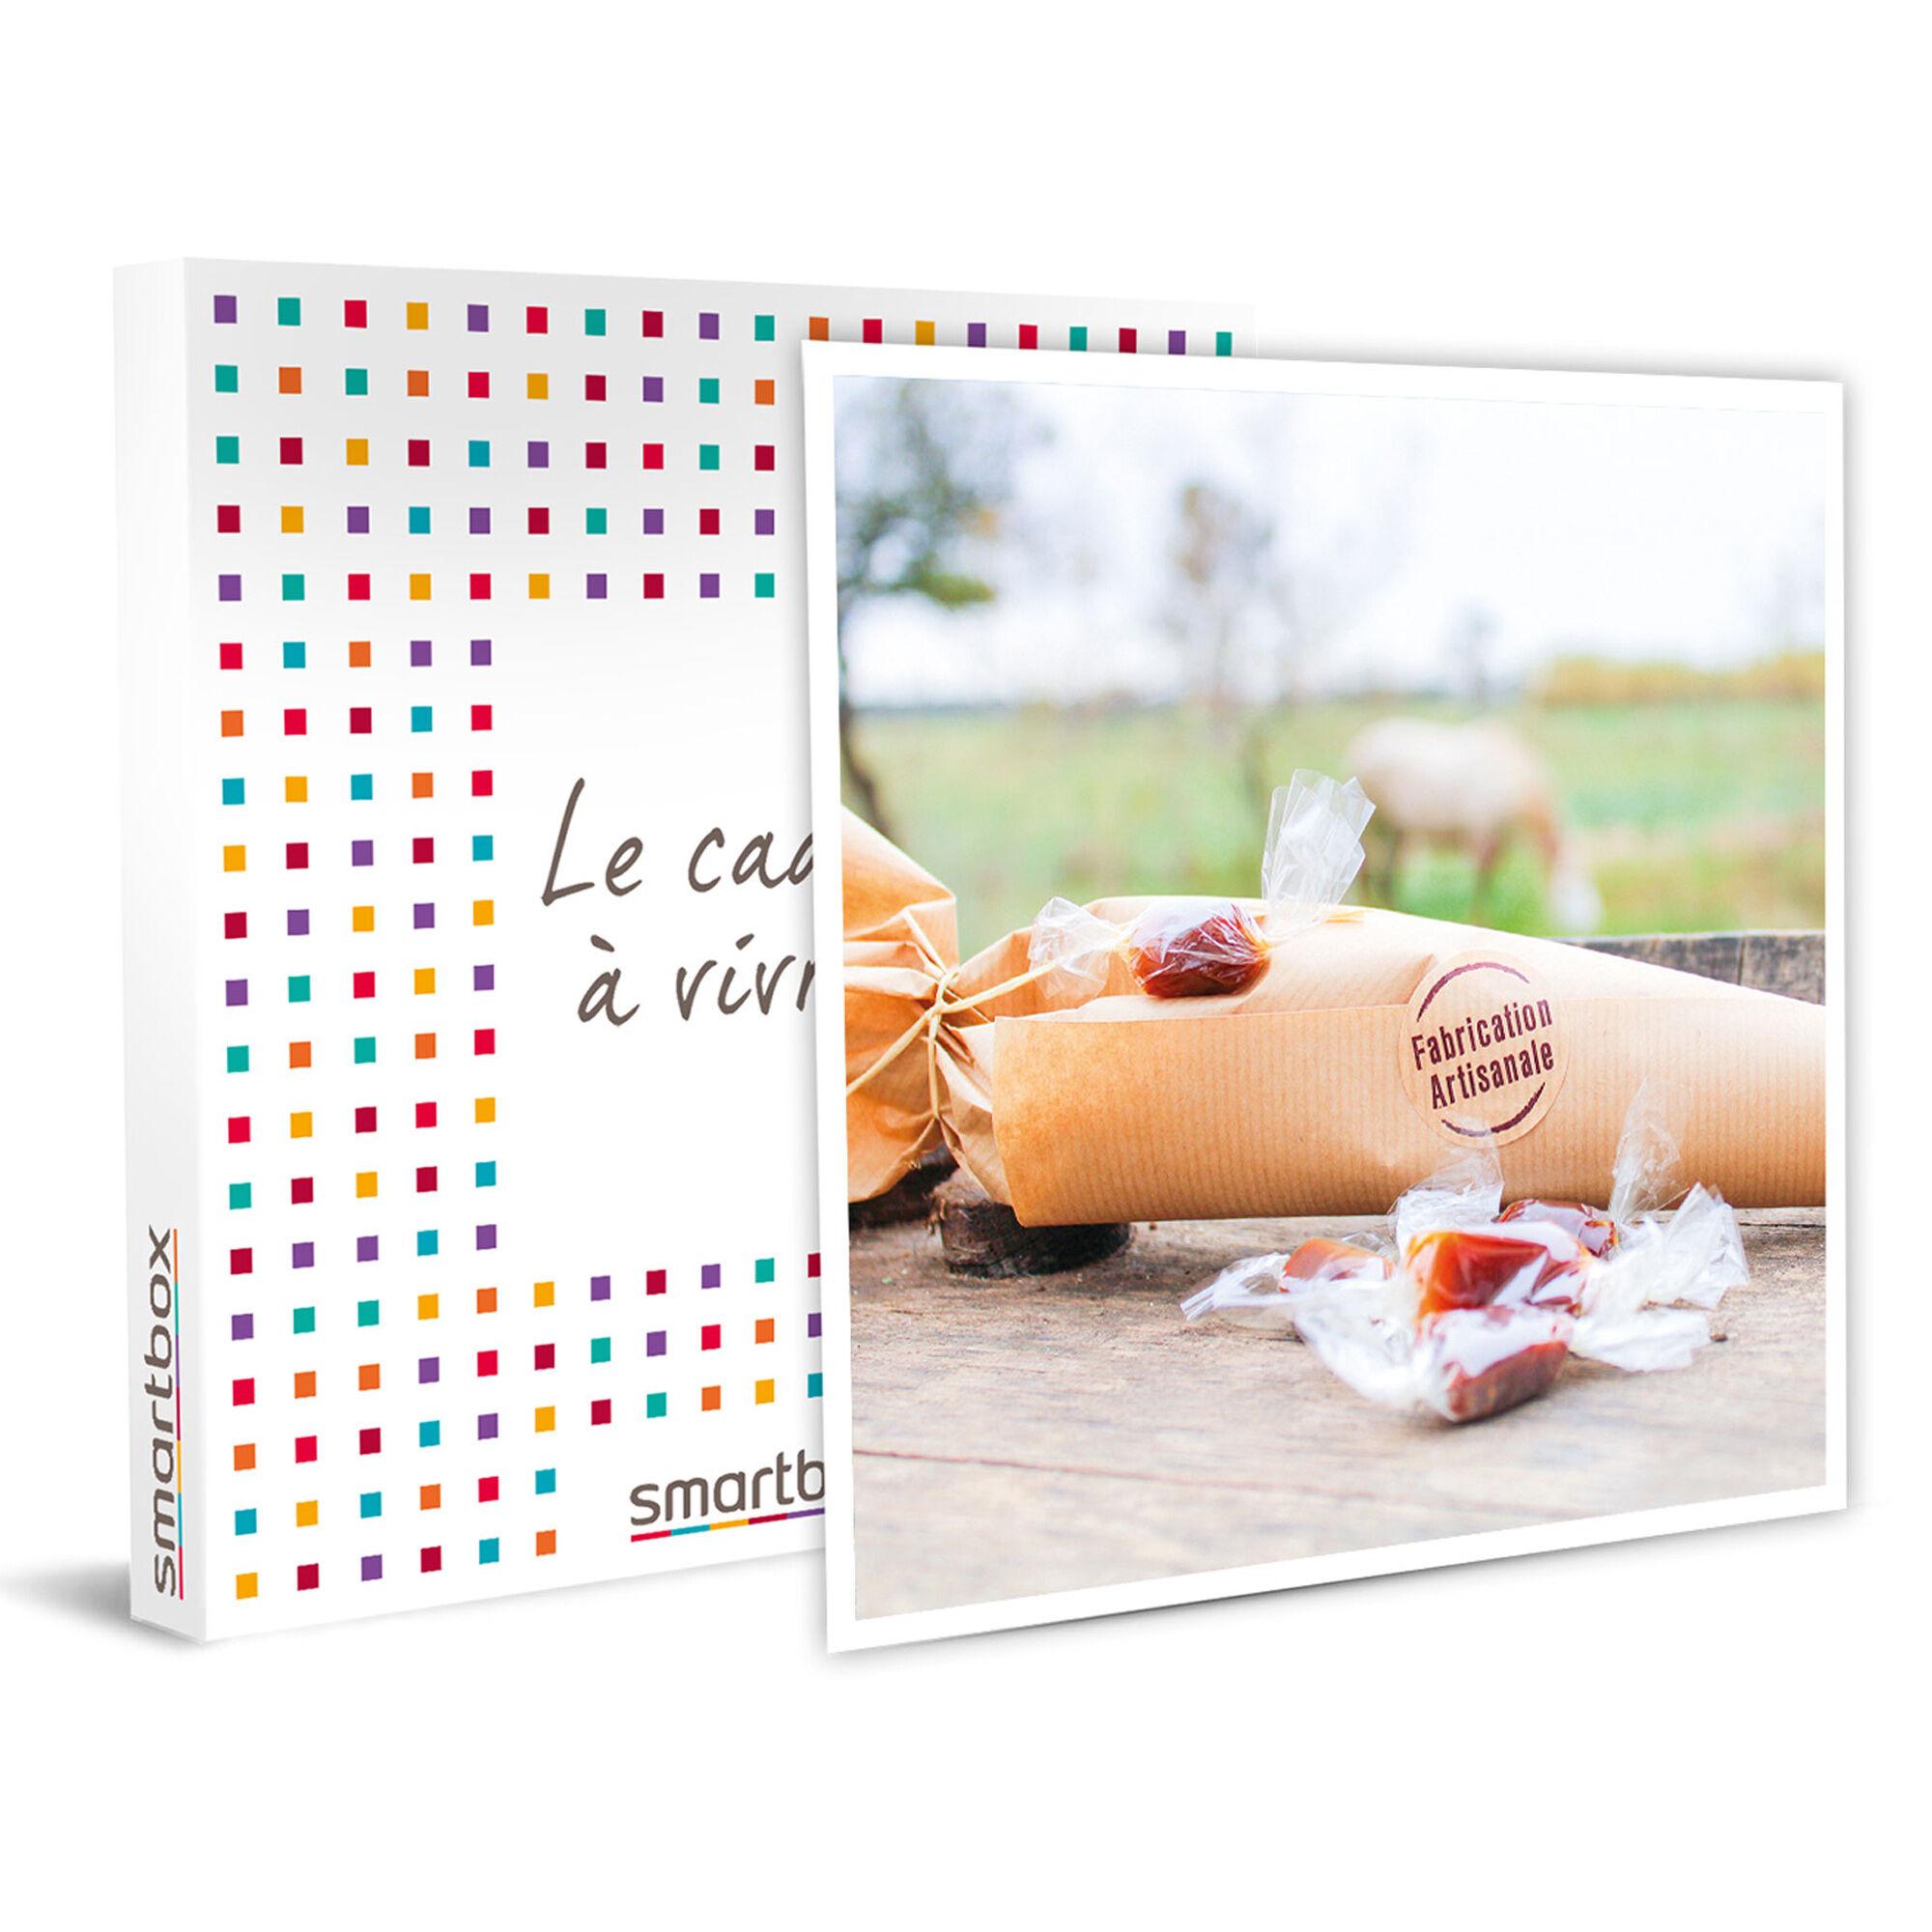 Smartbox Coffret sachets de caramels et savon naturel à base de lait de jument de Camargue Coffret cadeau Smartbox